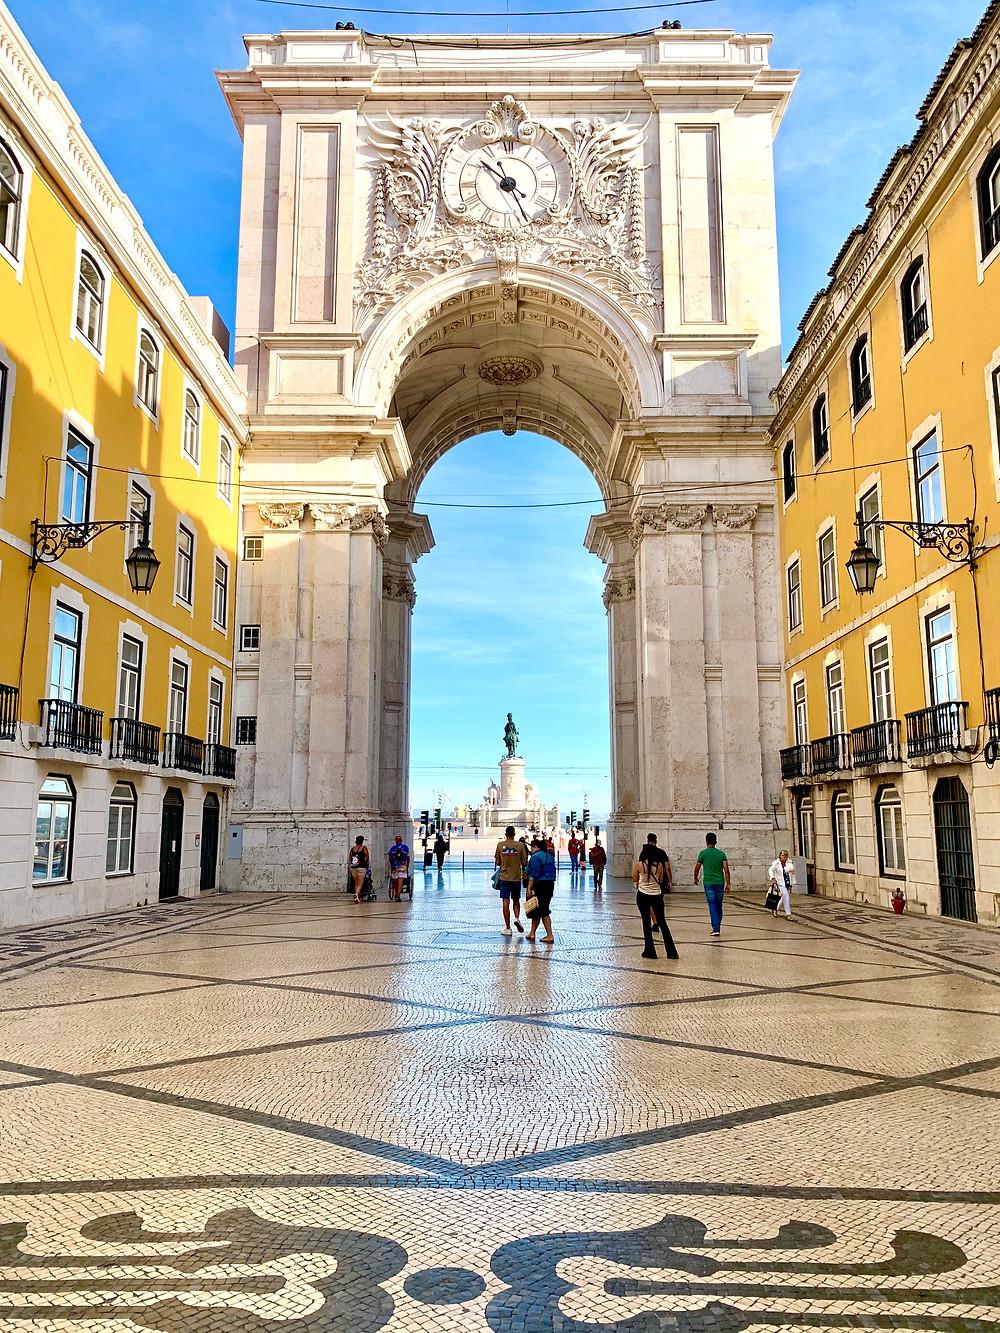 Arco da Rua Augusta leading to Praça do Comércio